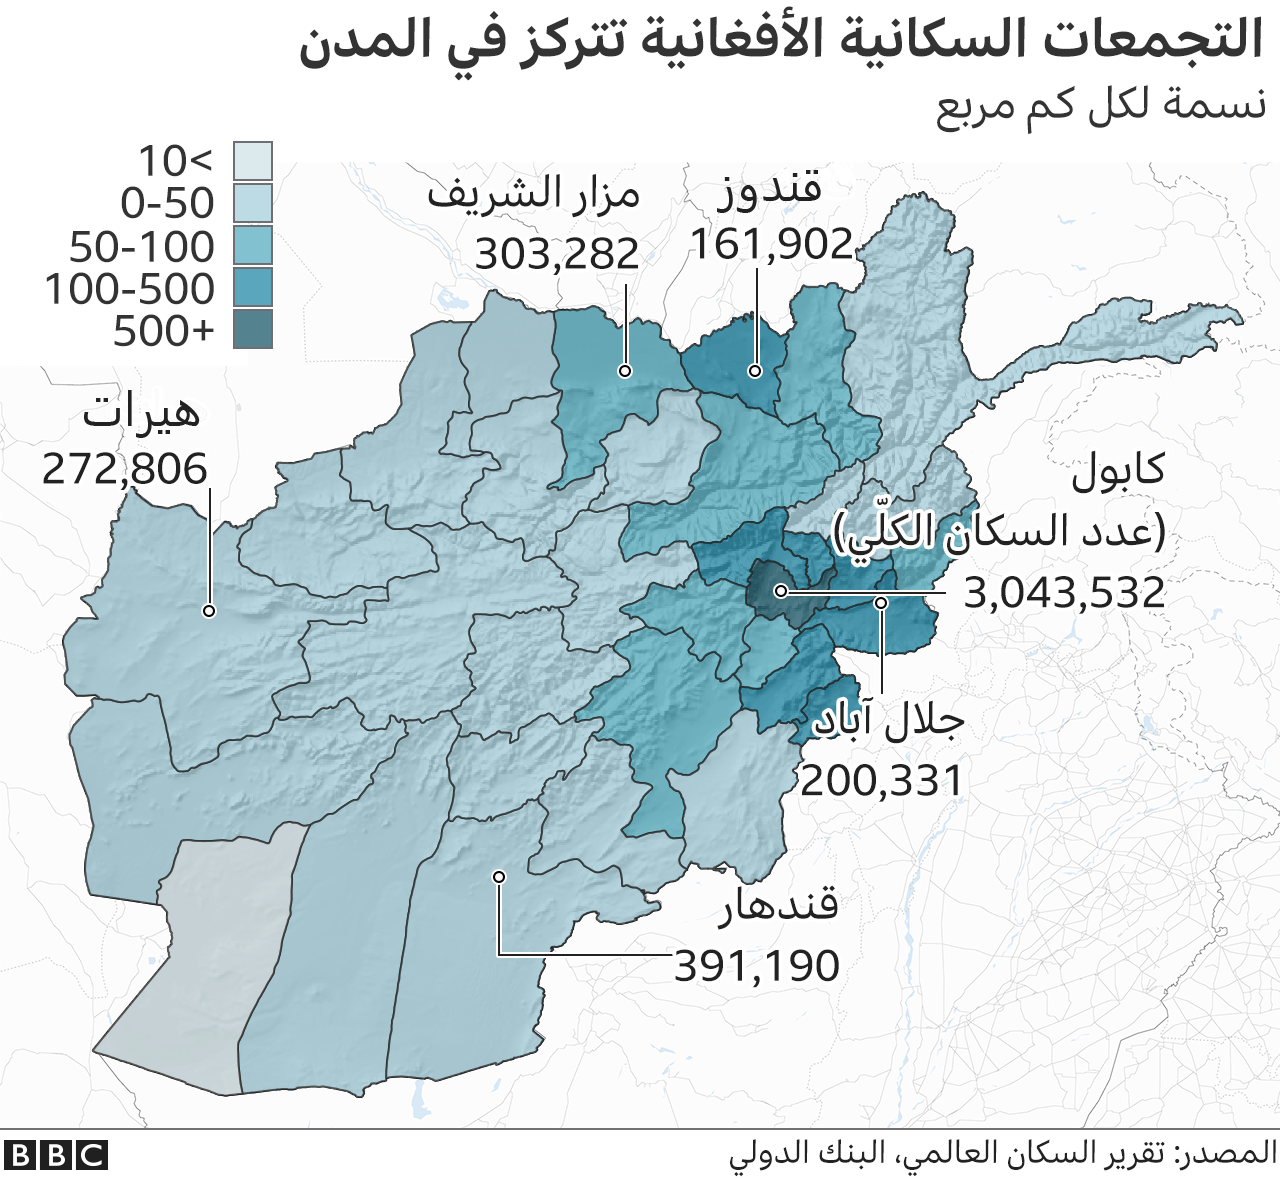 التجمعات السكانية في كل بلدة ومدينة